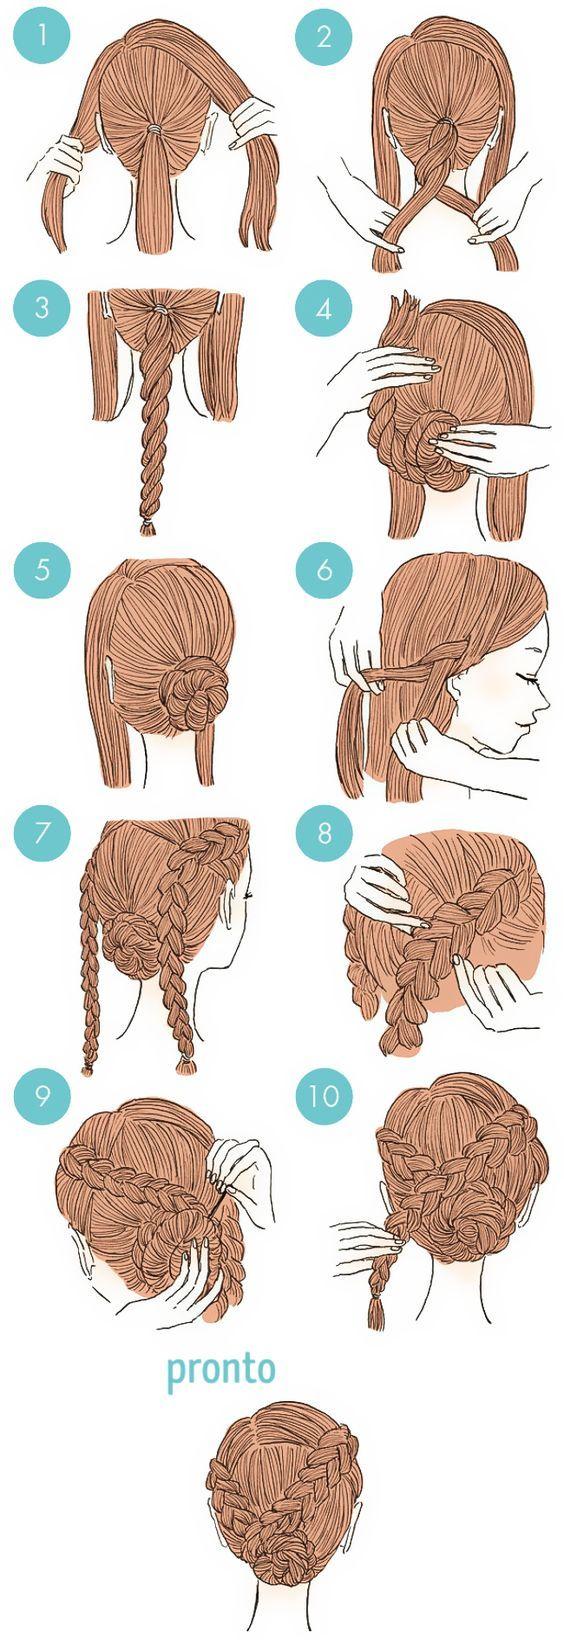 20 Penteados estilosos que qualquer menina consegue fazer: